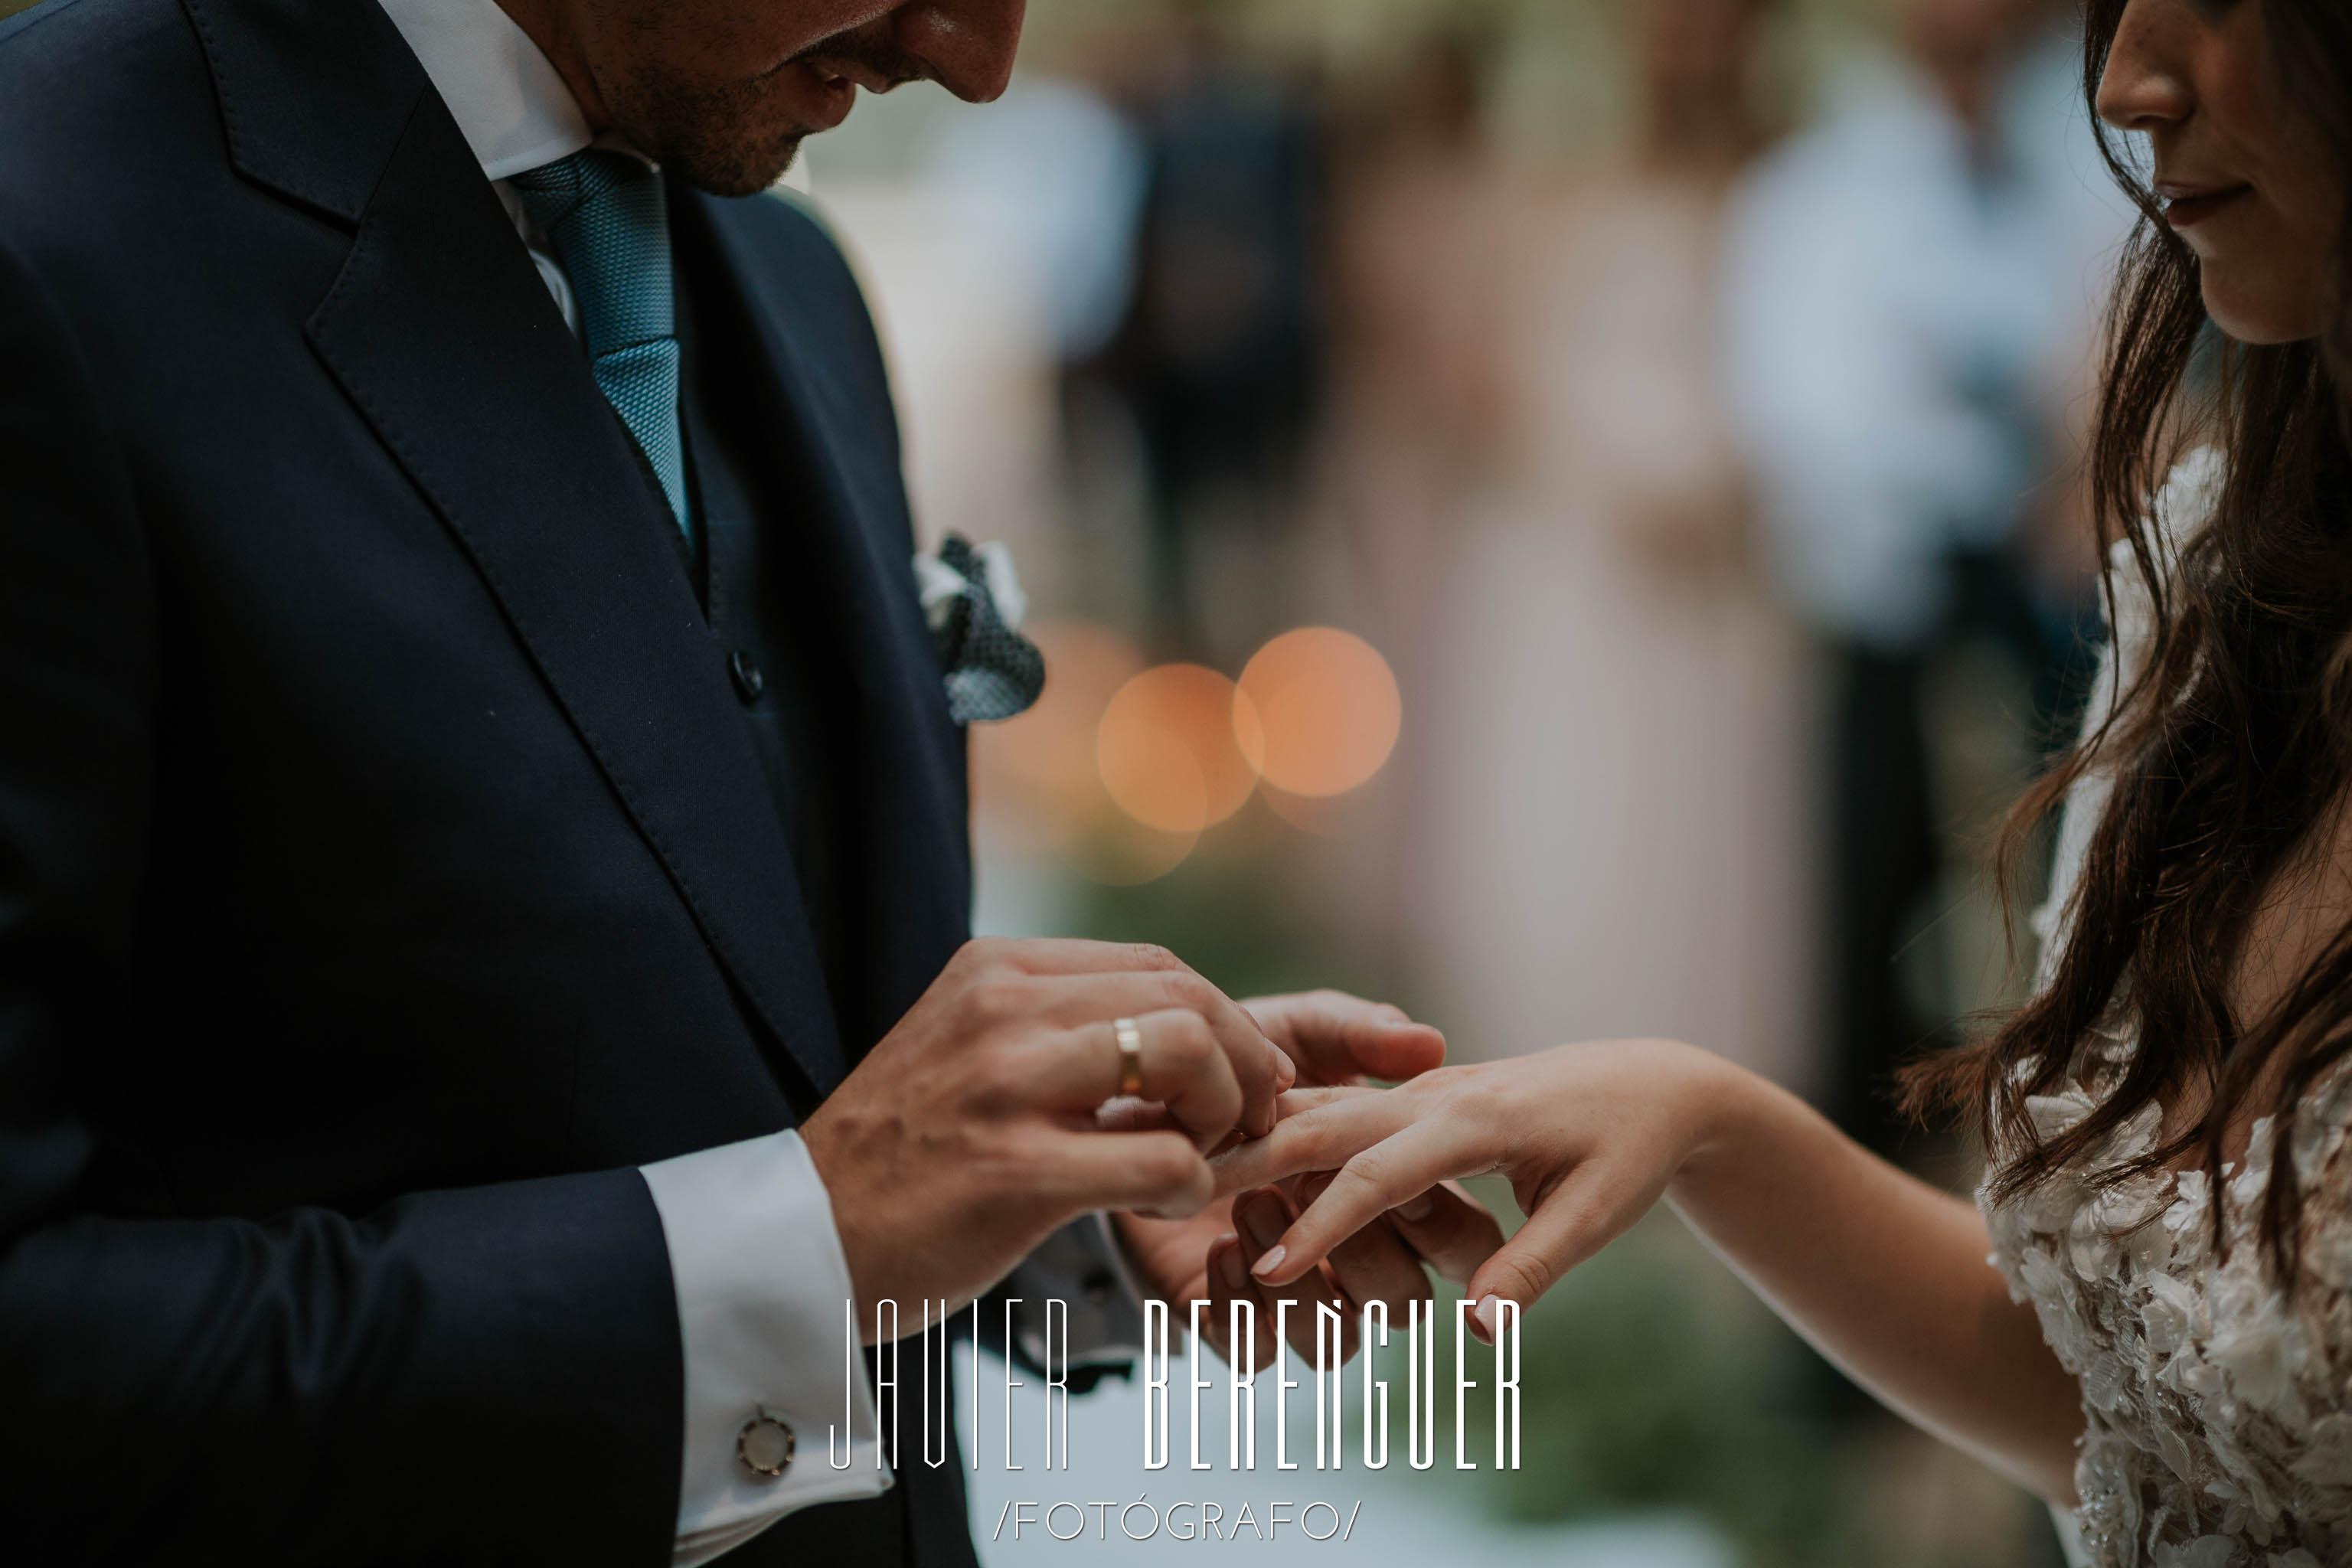 Quieres casarte conmigo - The Wedery